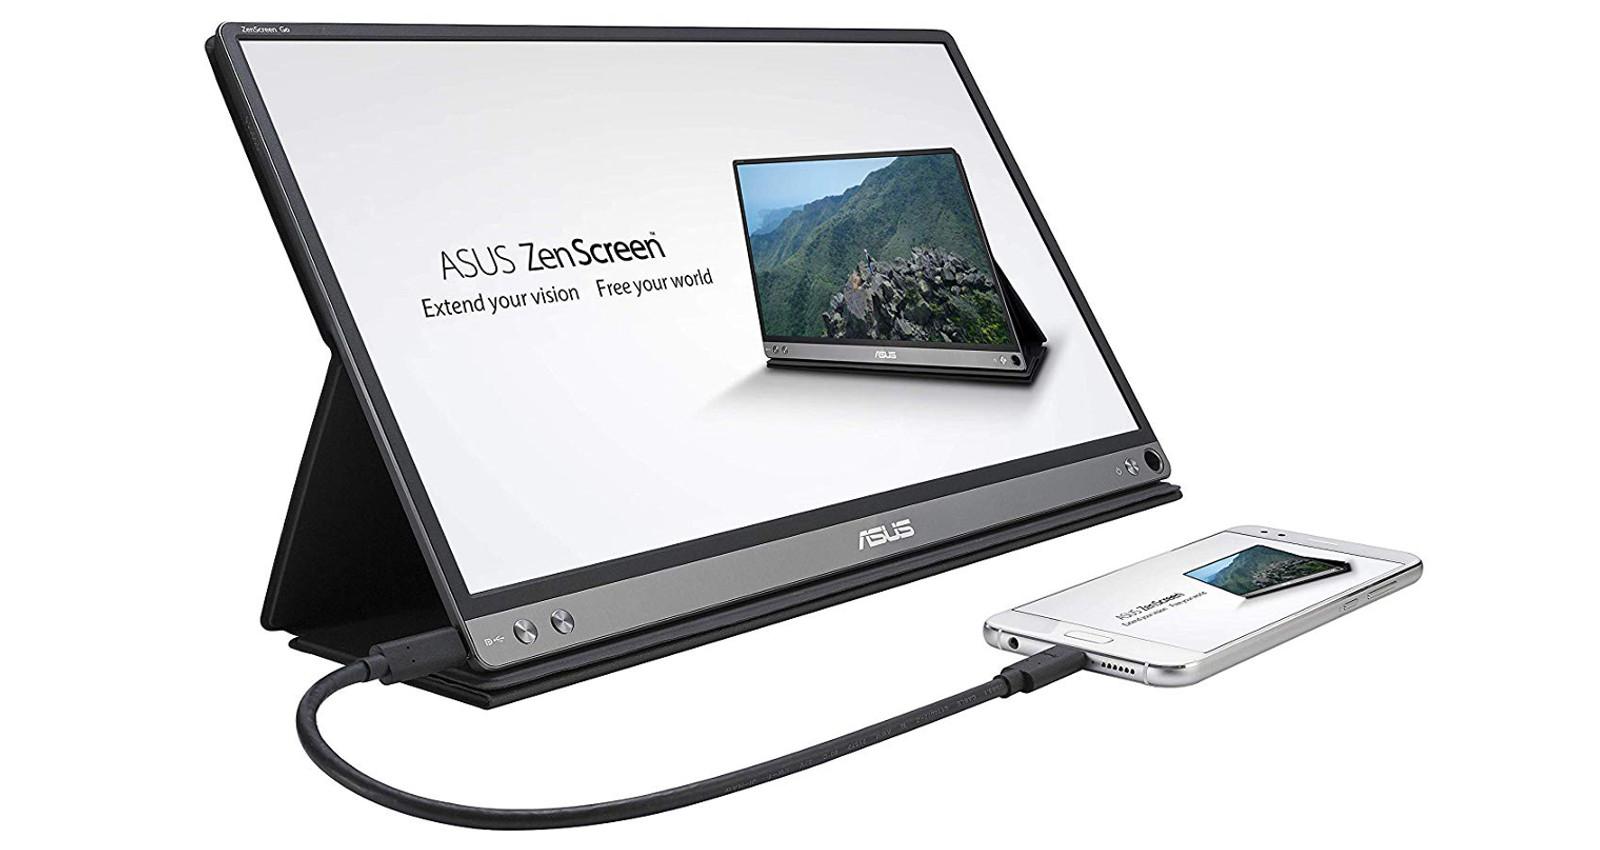 Tragbarer Monitor: Mobile Displays für unterwegs - Die Übersicht